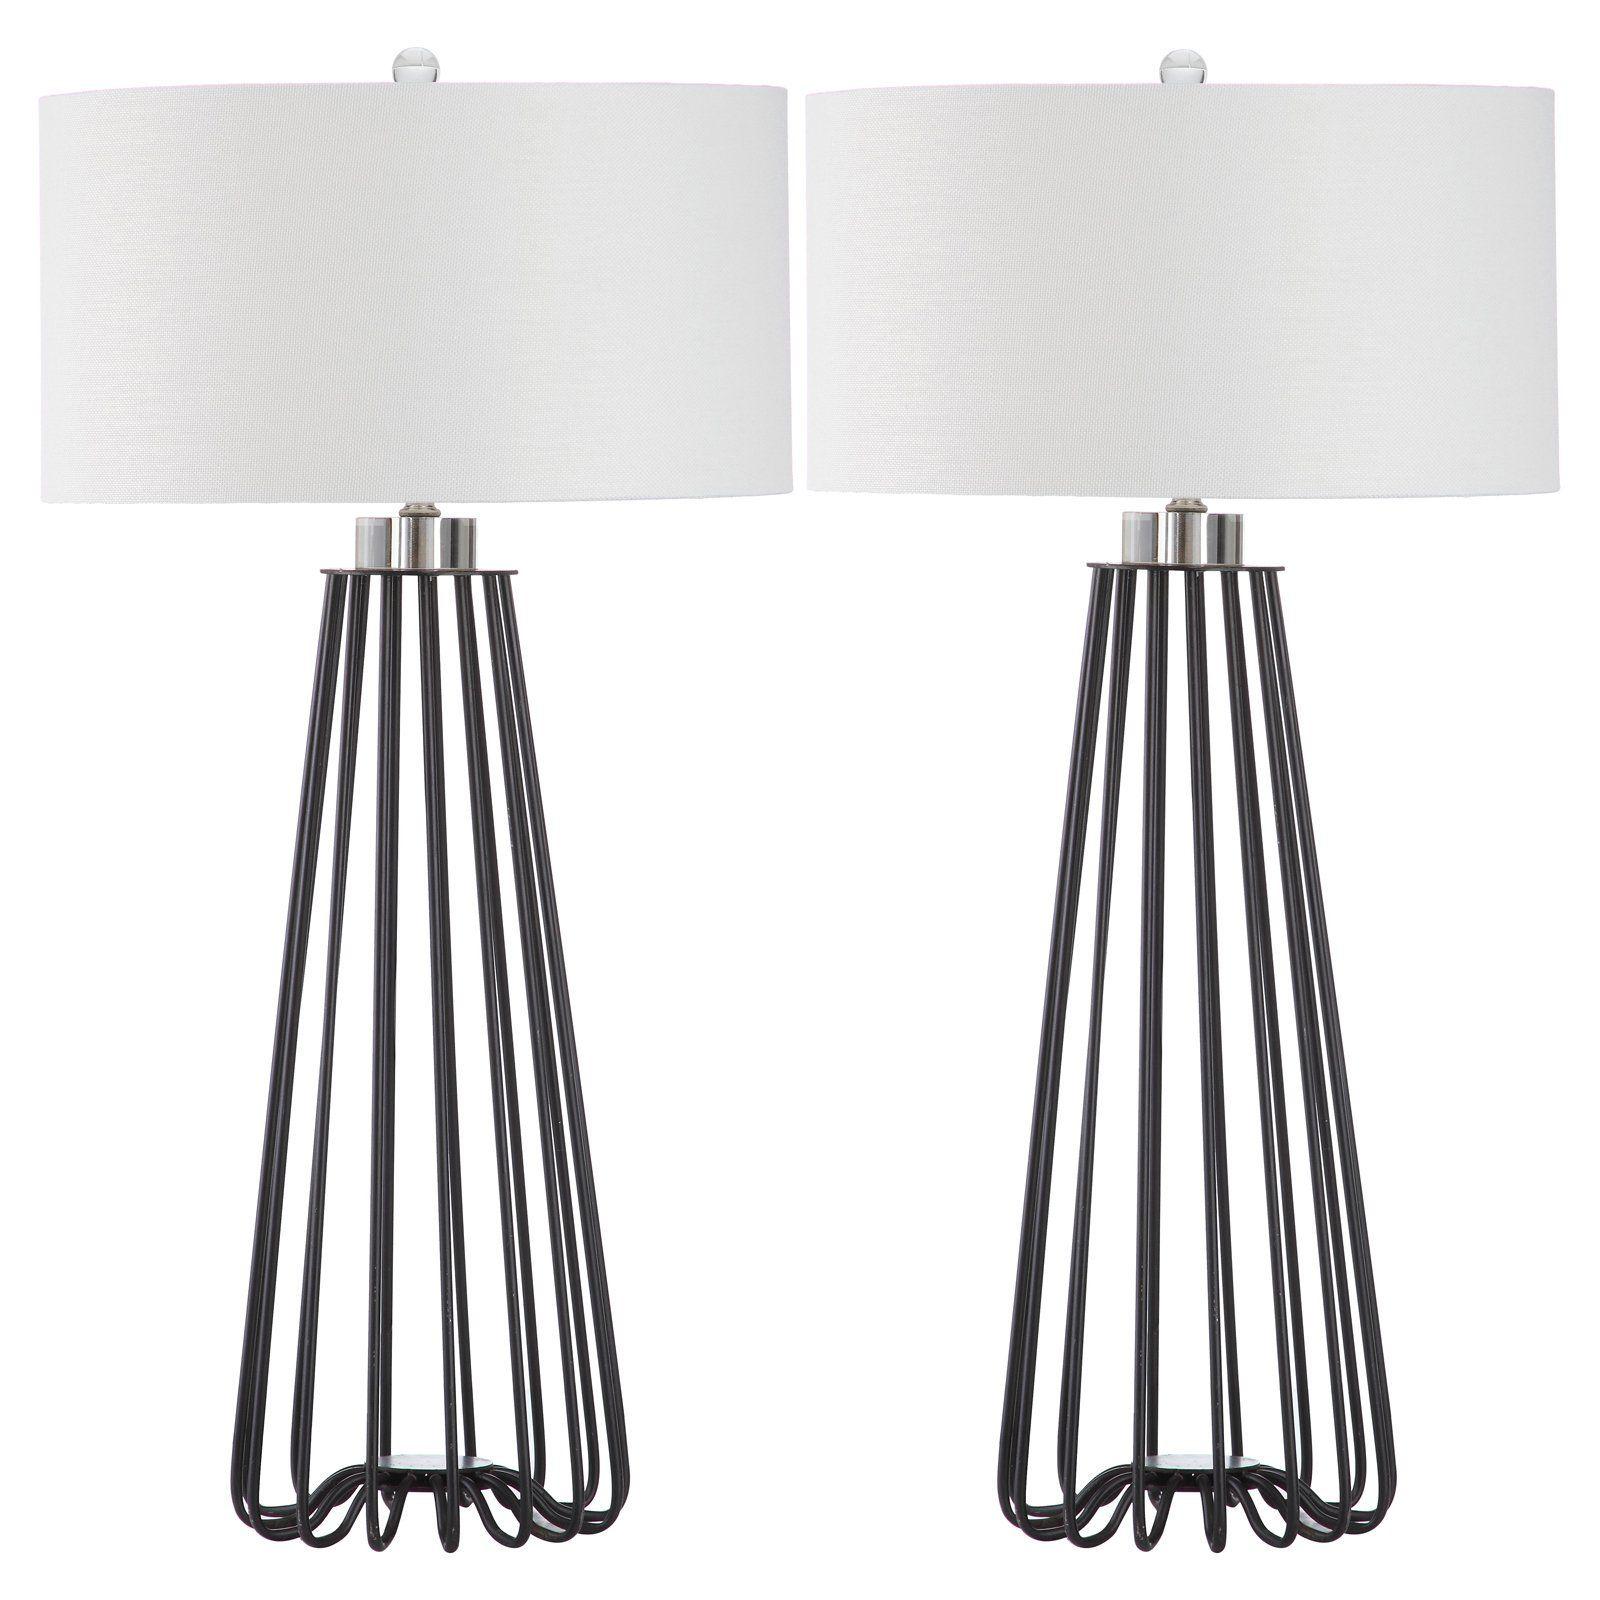 Safavieh Estill 34 in. H MidCentury Table Lamp, Black